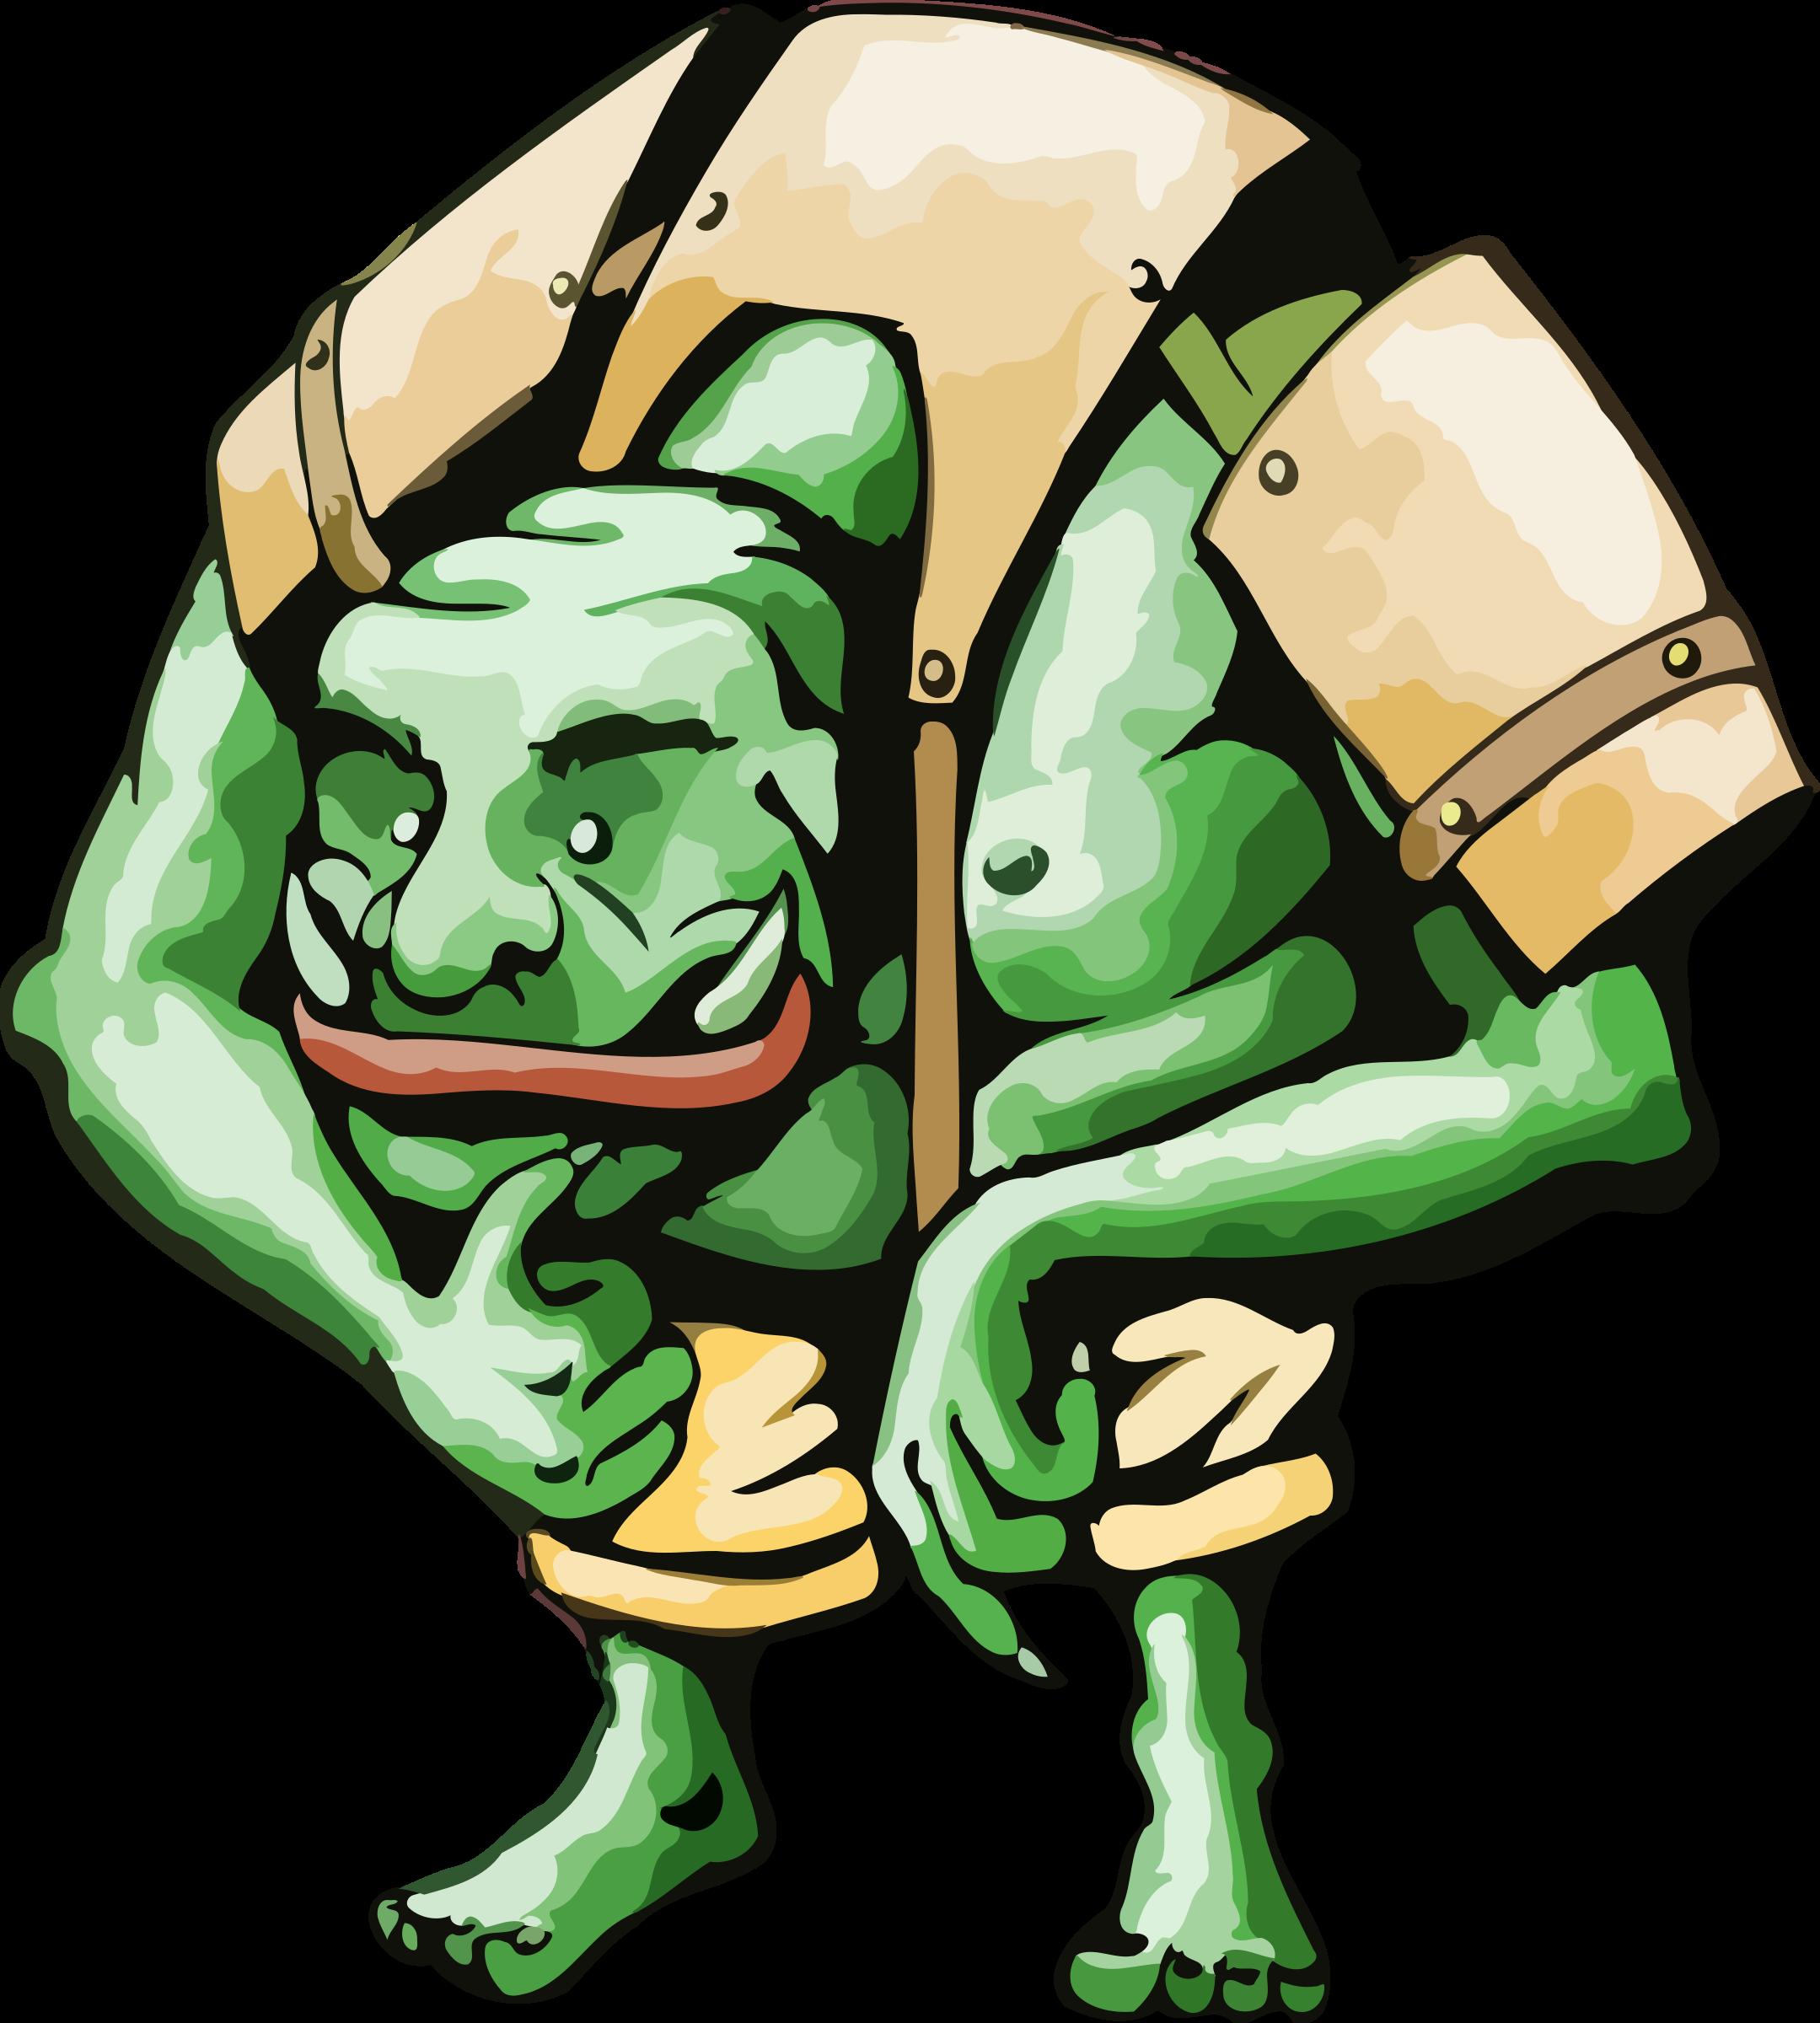 Ogre (simplified) by Firkin